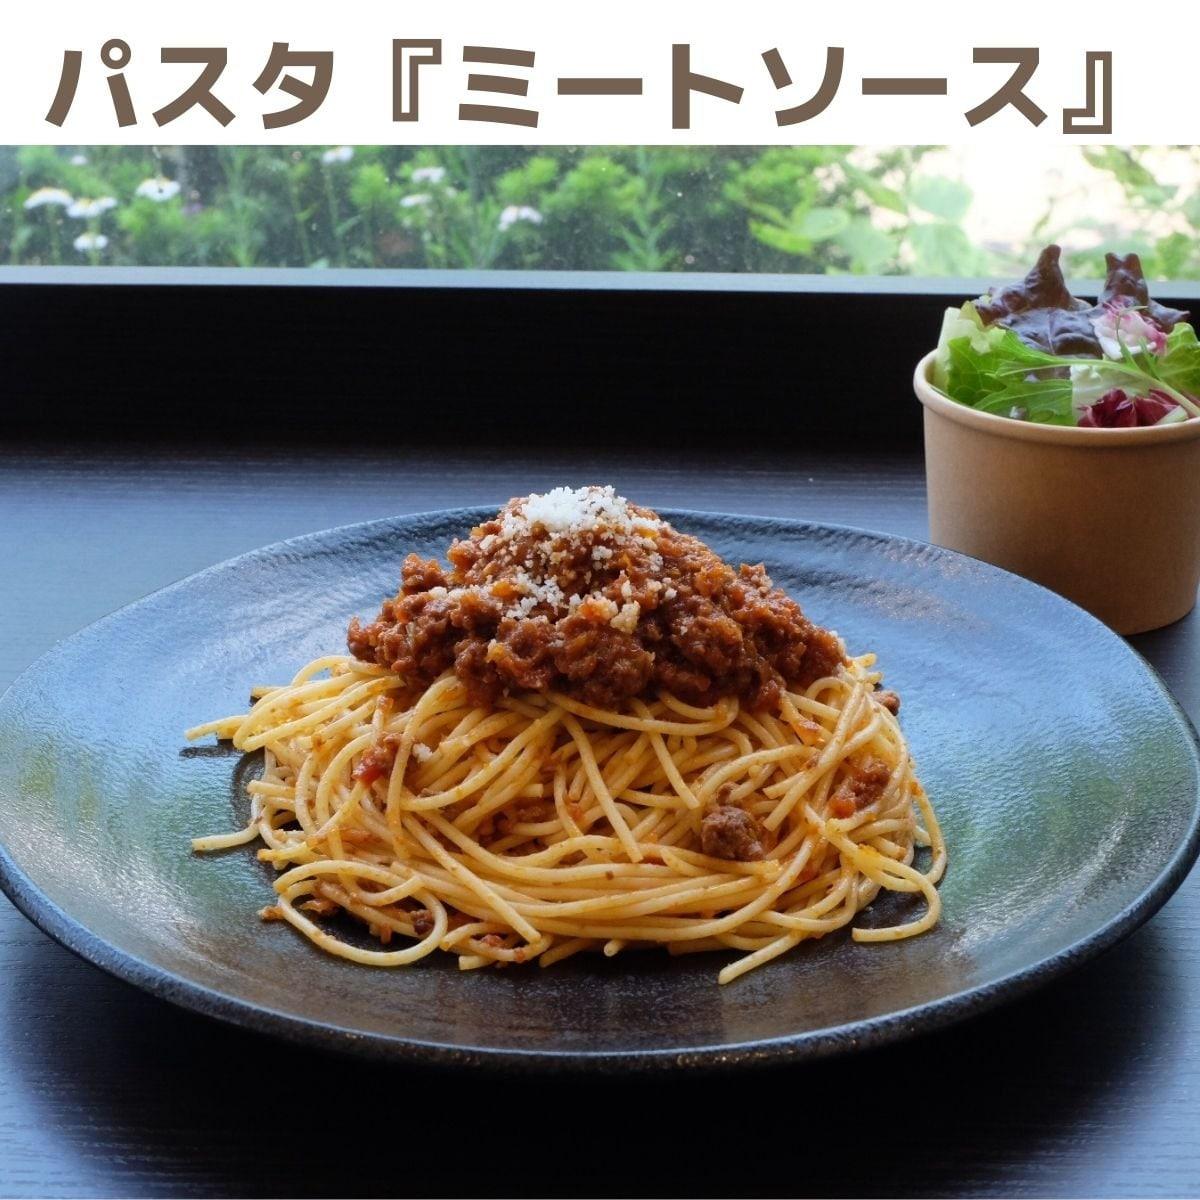 パスタ【北海道産100%合挽肉使用のミートソース】のイメージその2